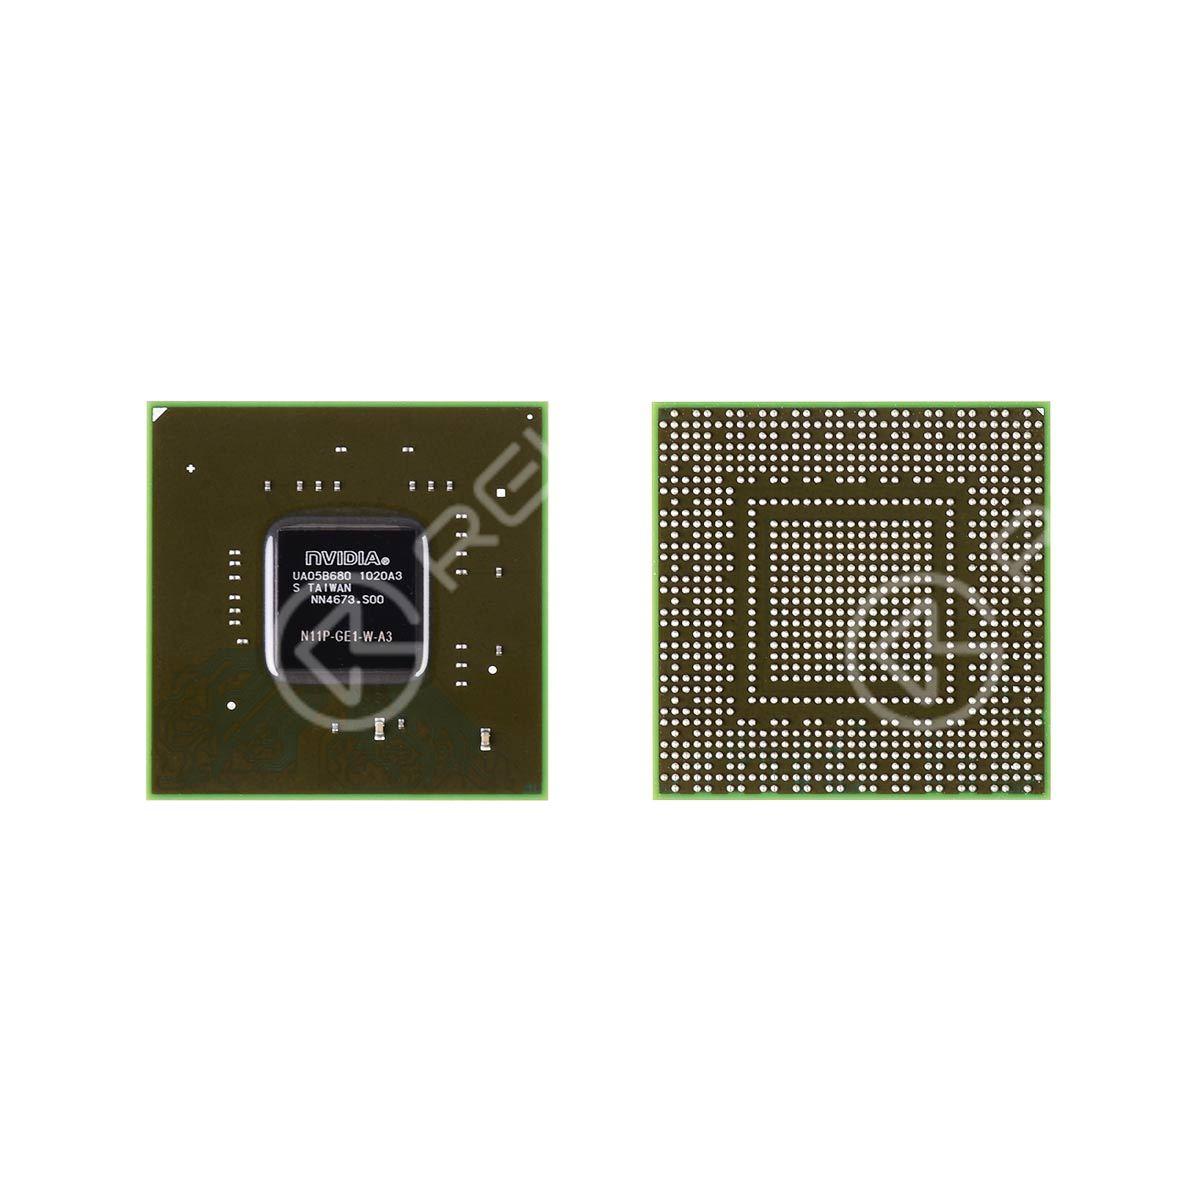 Nvidia GPU Graphic Chipset N11P-GE1-WA3 GeForce G330M